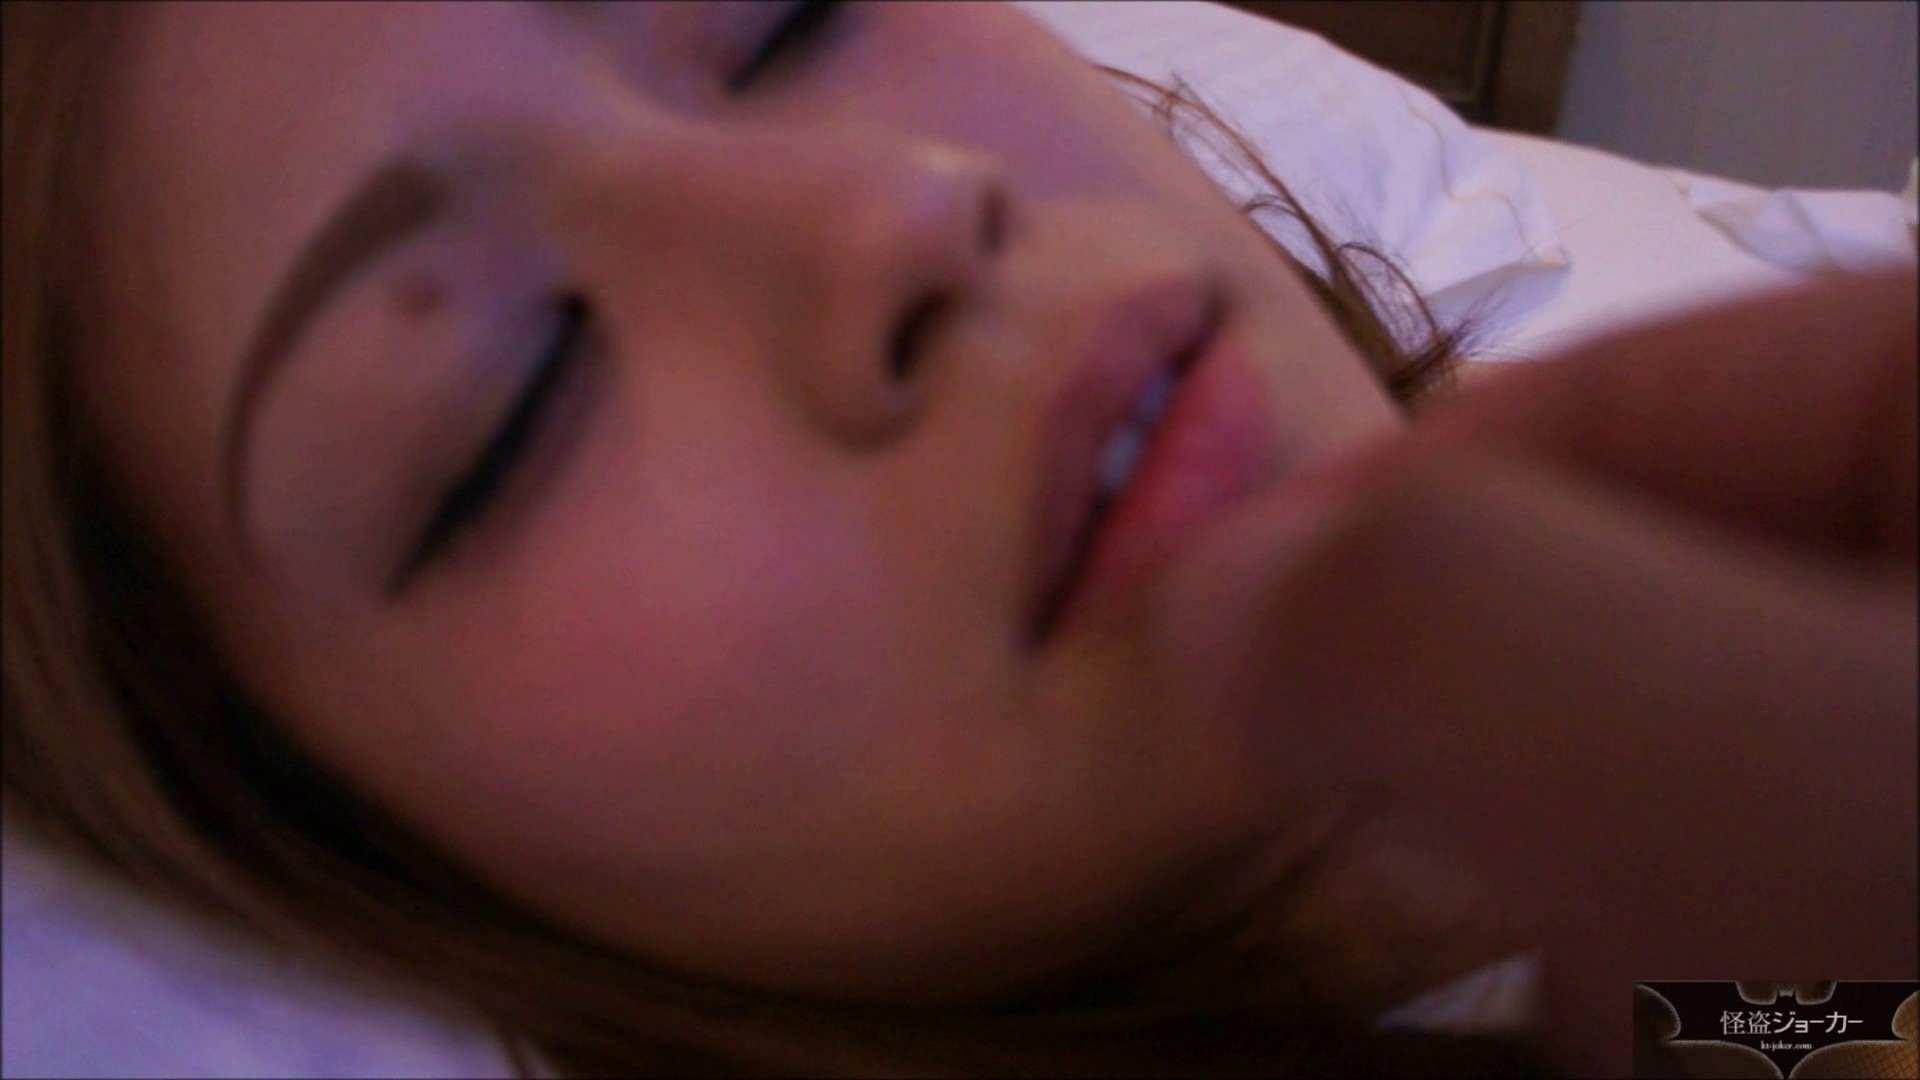 【未公開】vol.8 セレブ美魔女・ユキさんとの密会後・・・ OLハメ撮り  43Pix 24